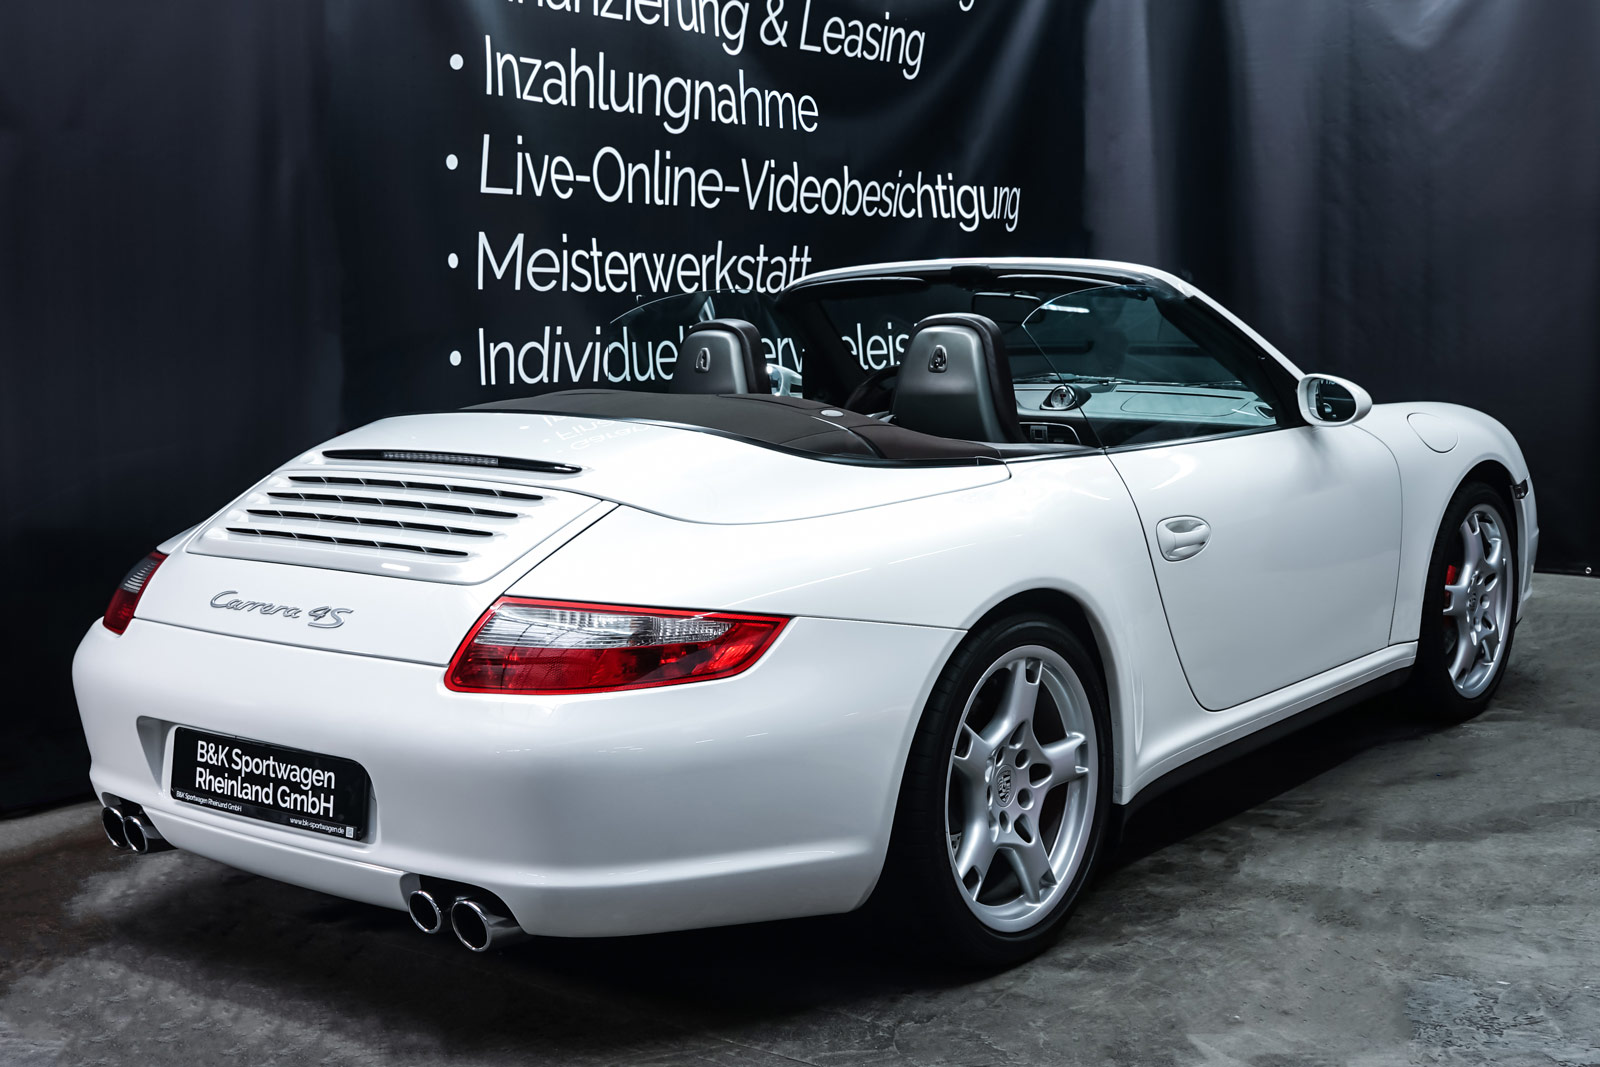 Porsche_997_C4S_Cabrio_Weiß_Braun_POR-4557_19_w